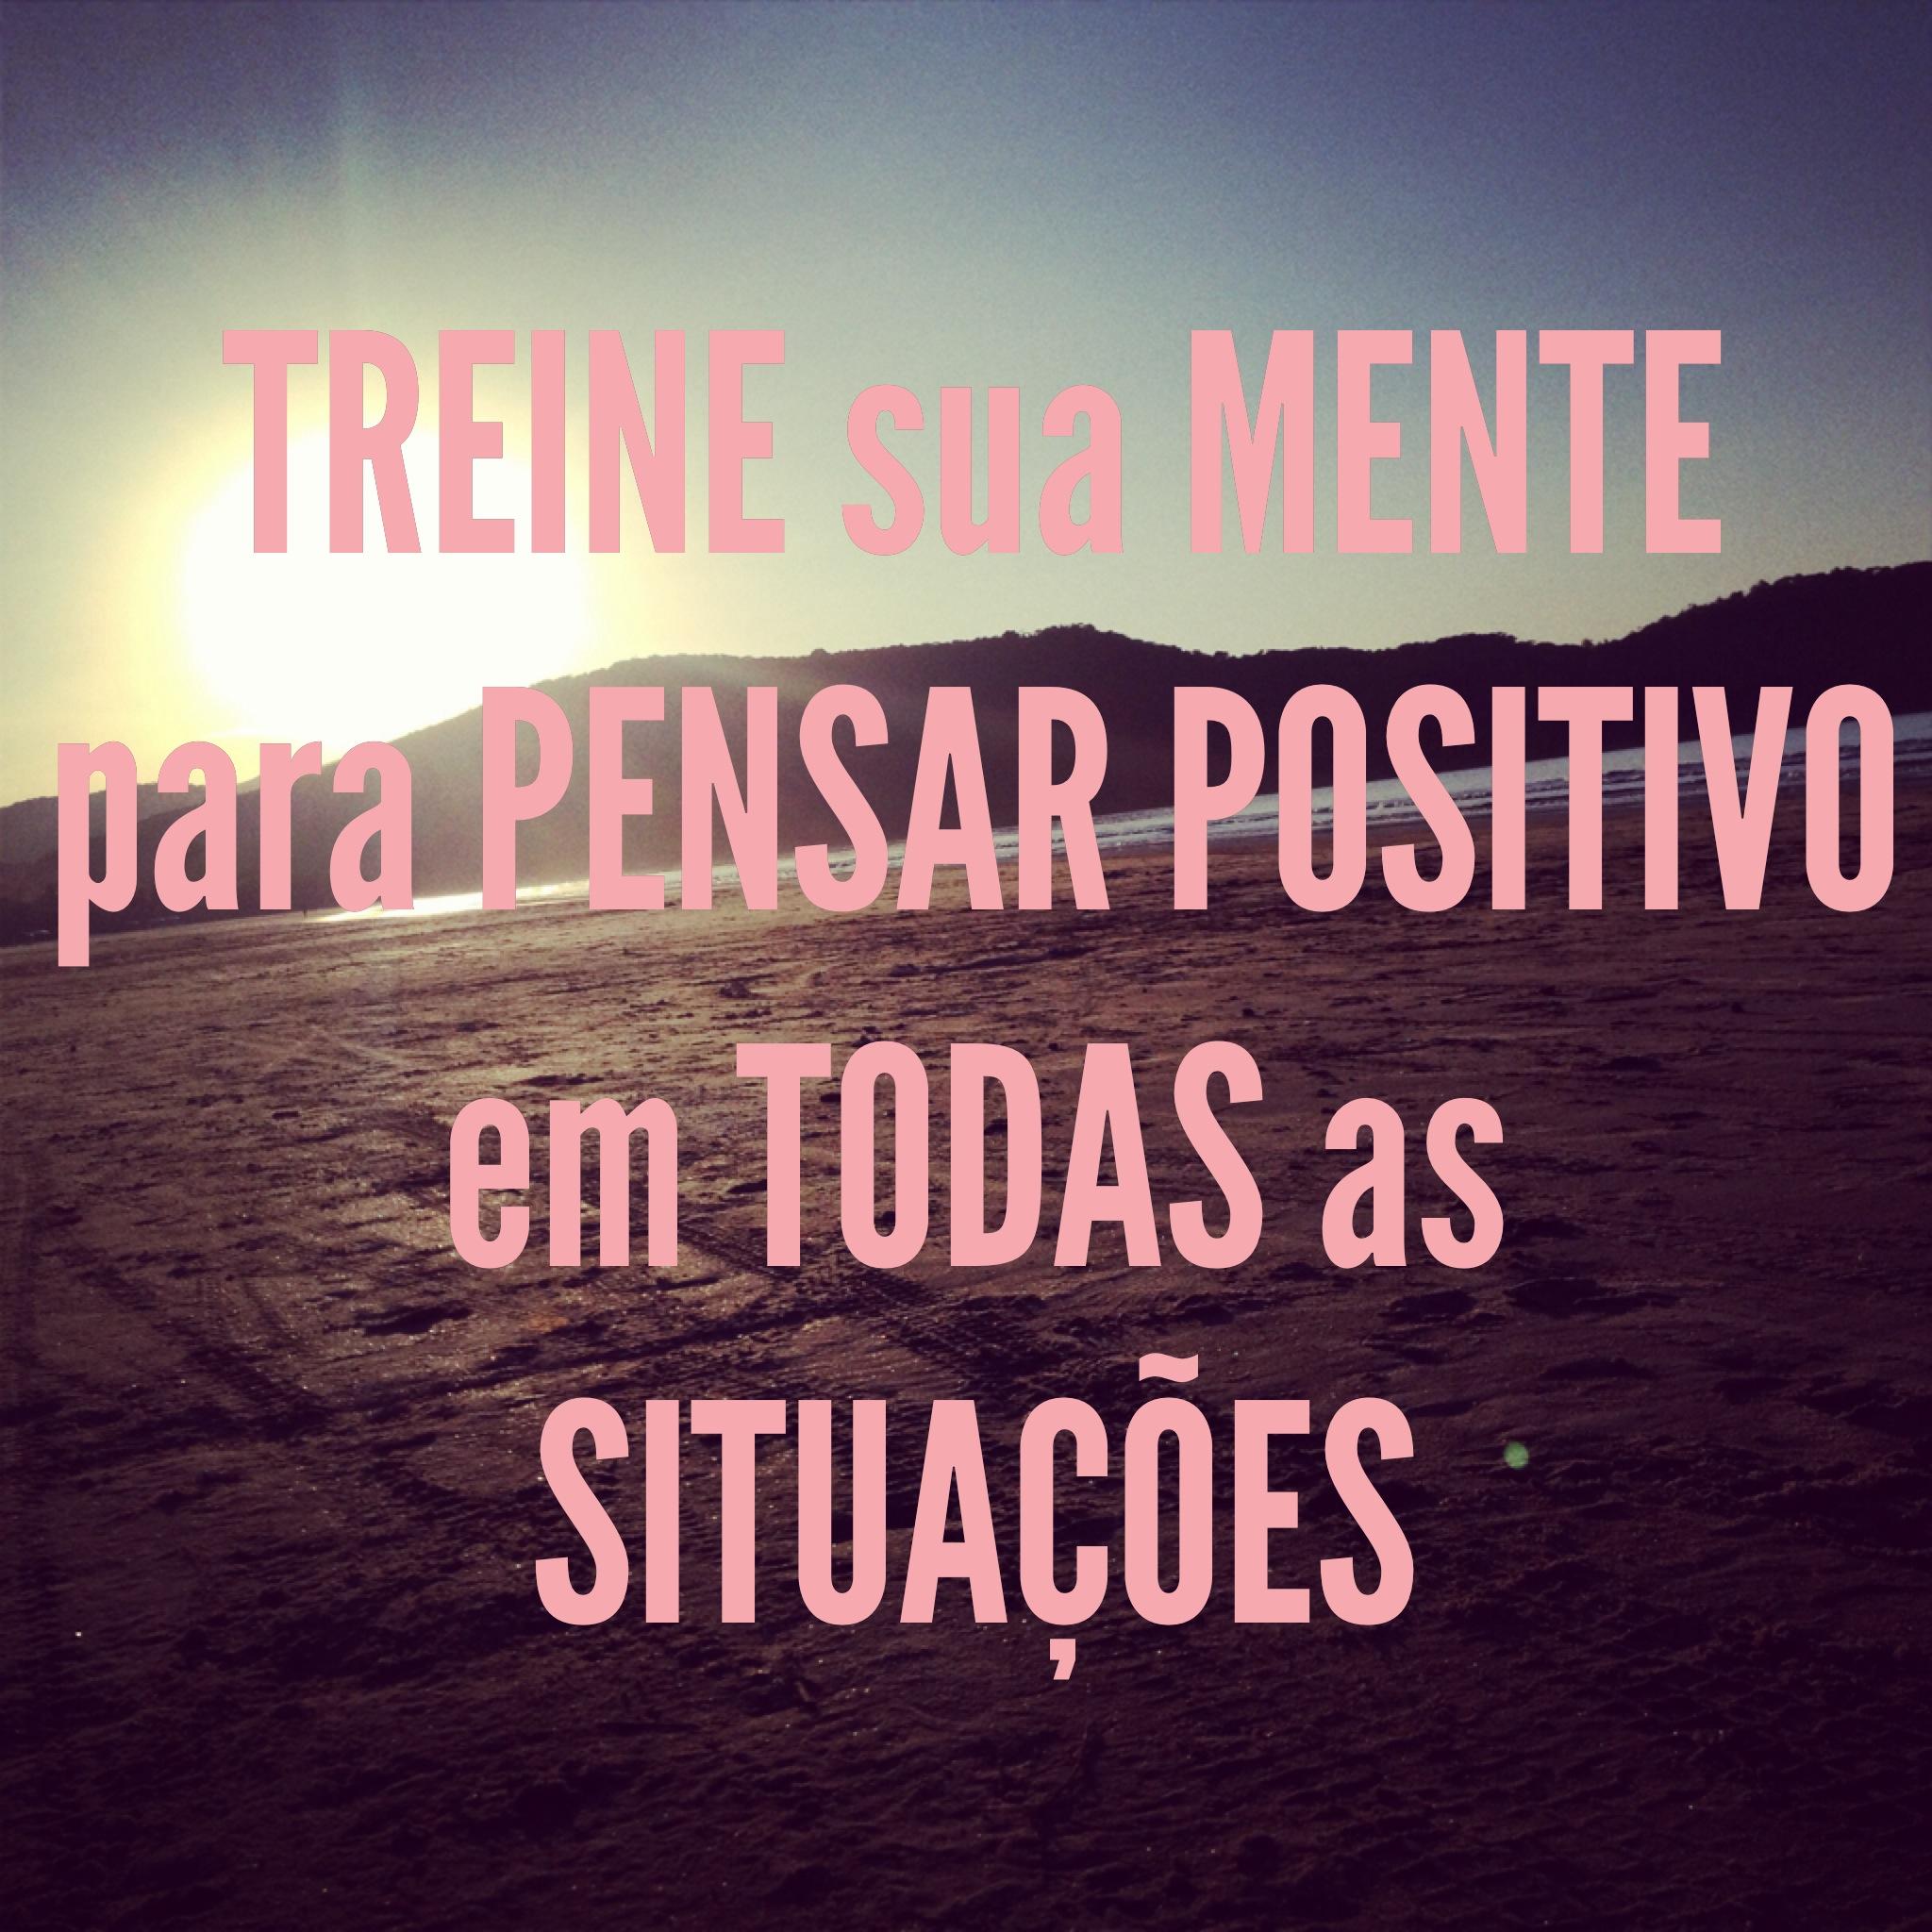 pensamento positivo - treine sua mente